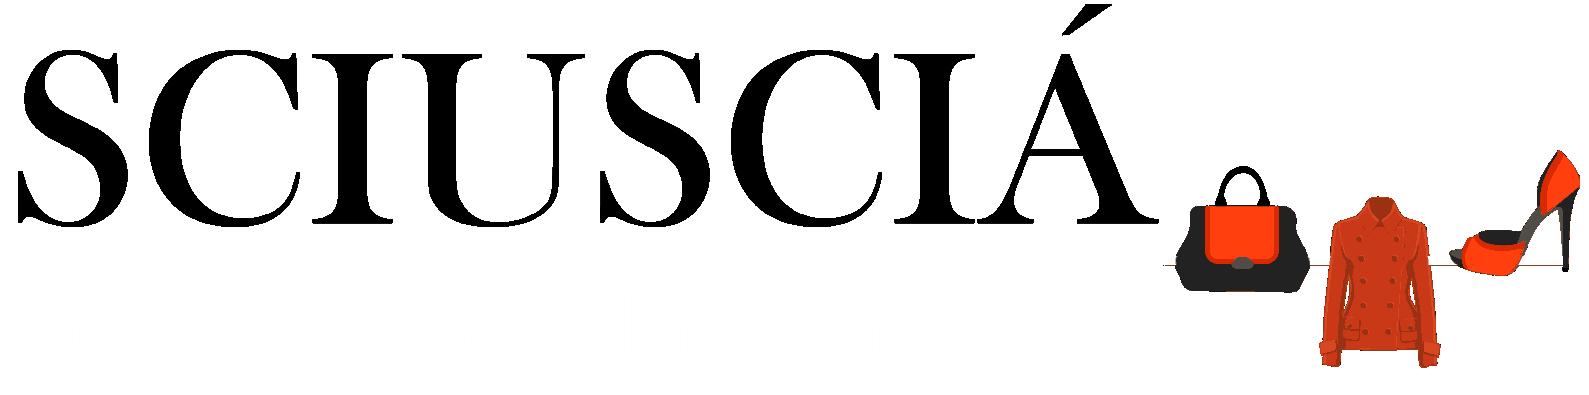 Sciuscia Padova